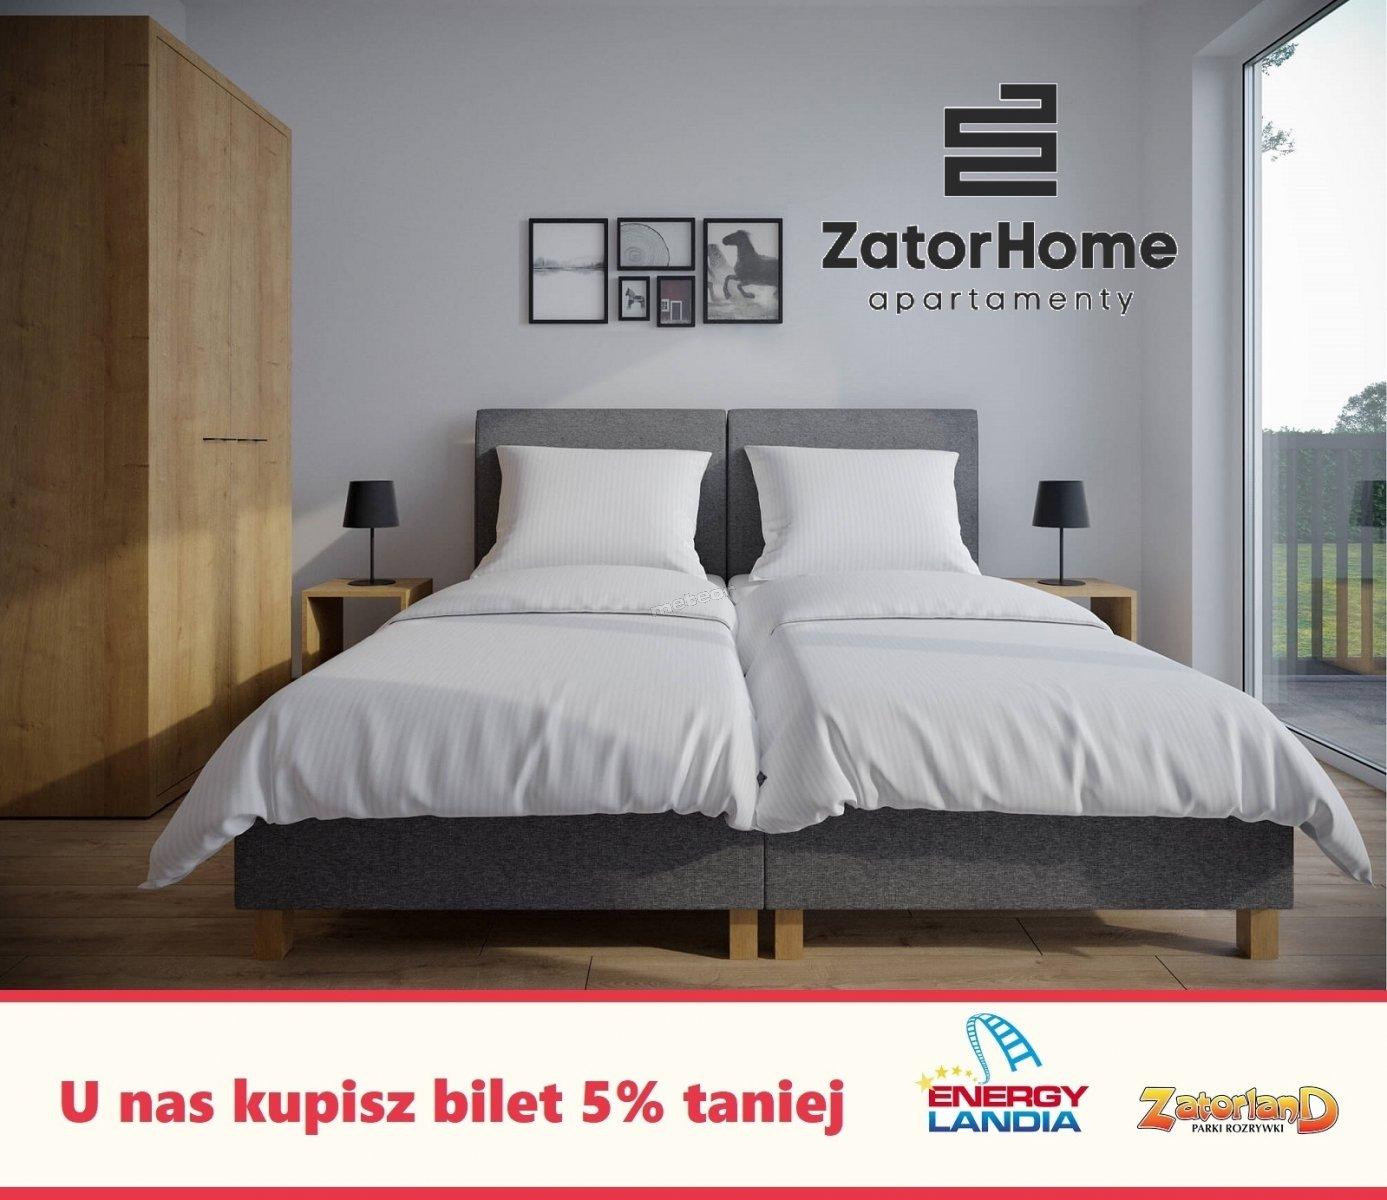 ZatorHome Apartamenty